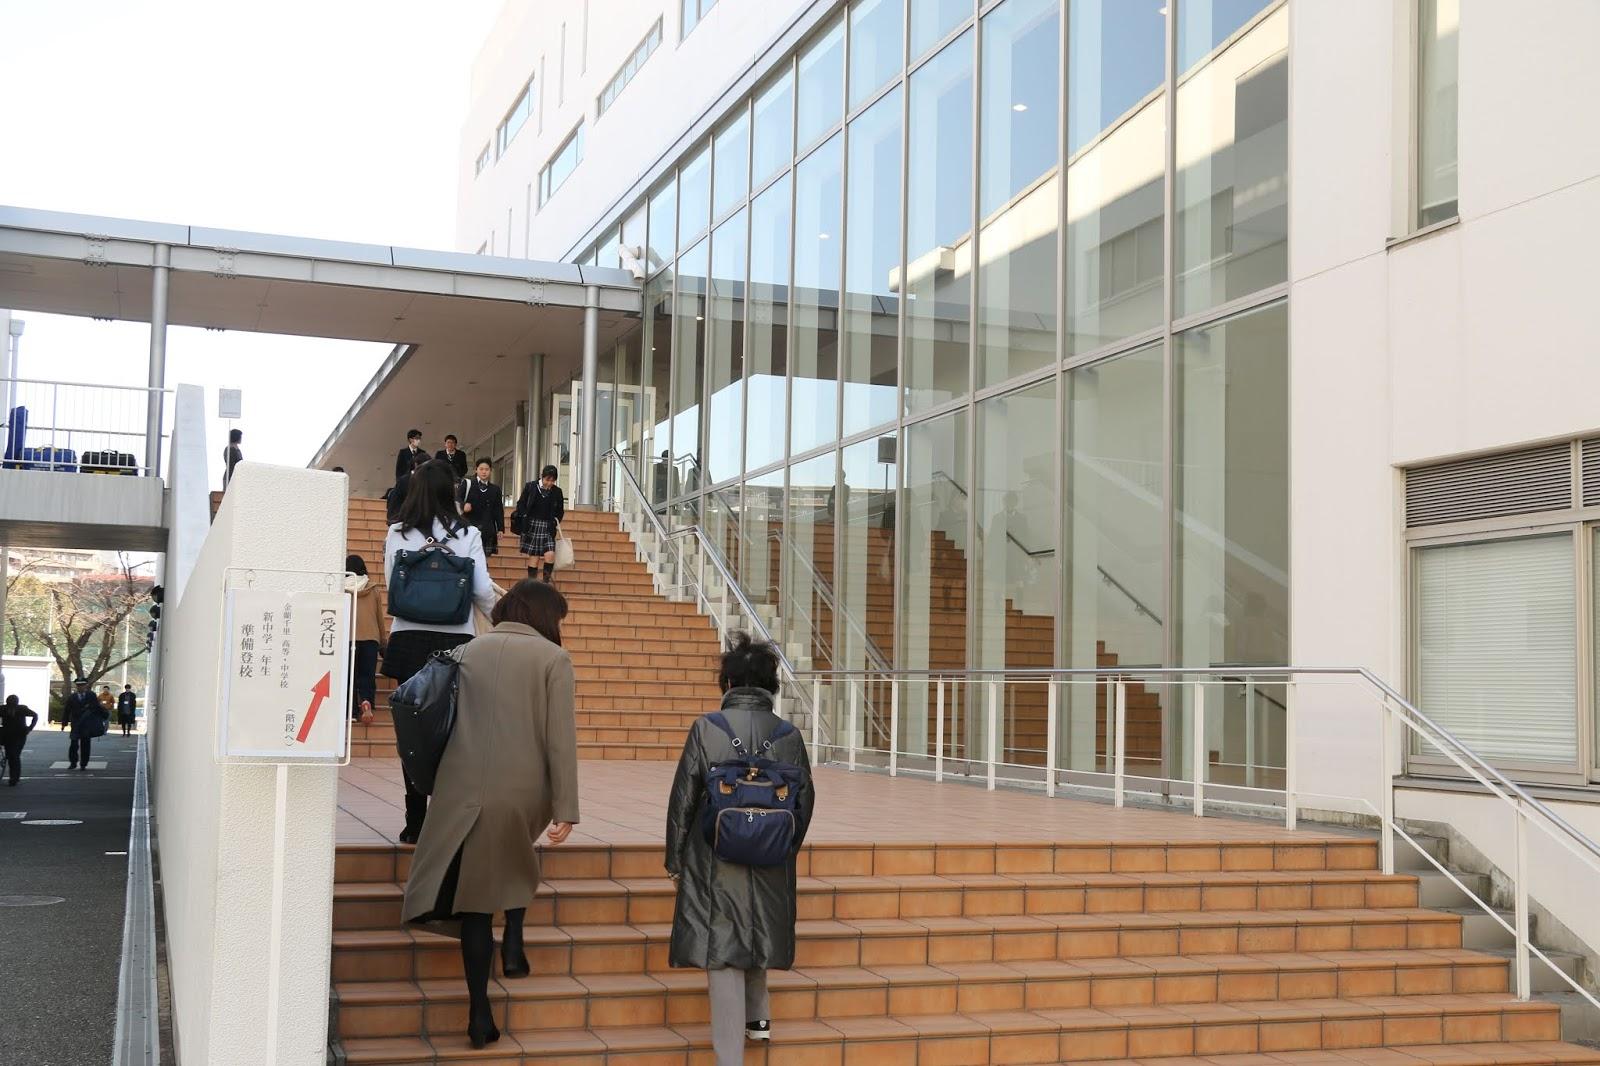 金蘭千里中學校ブログ: 新中學1年生準備登校